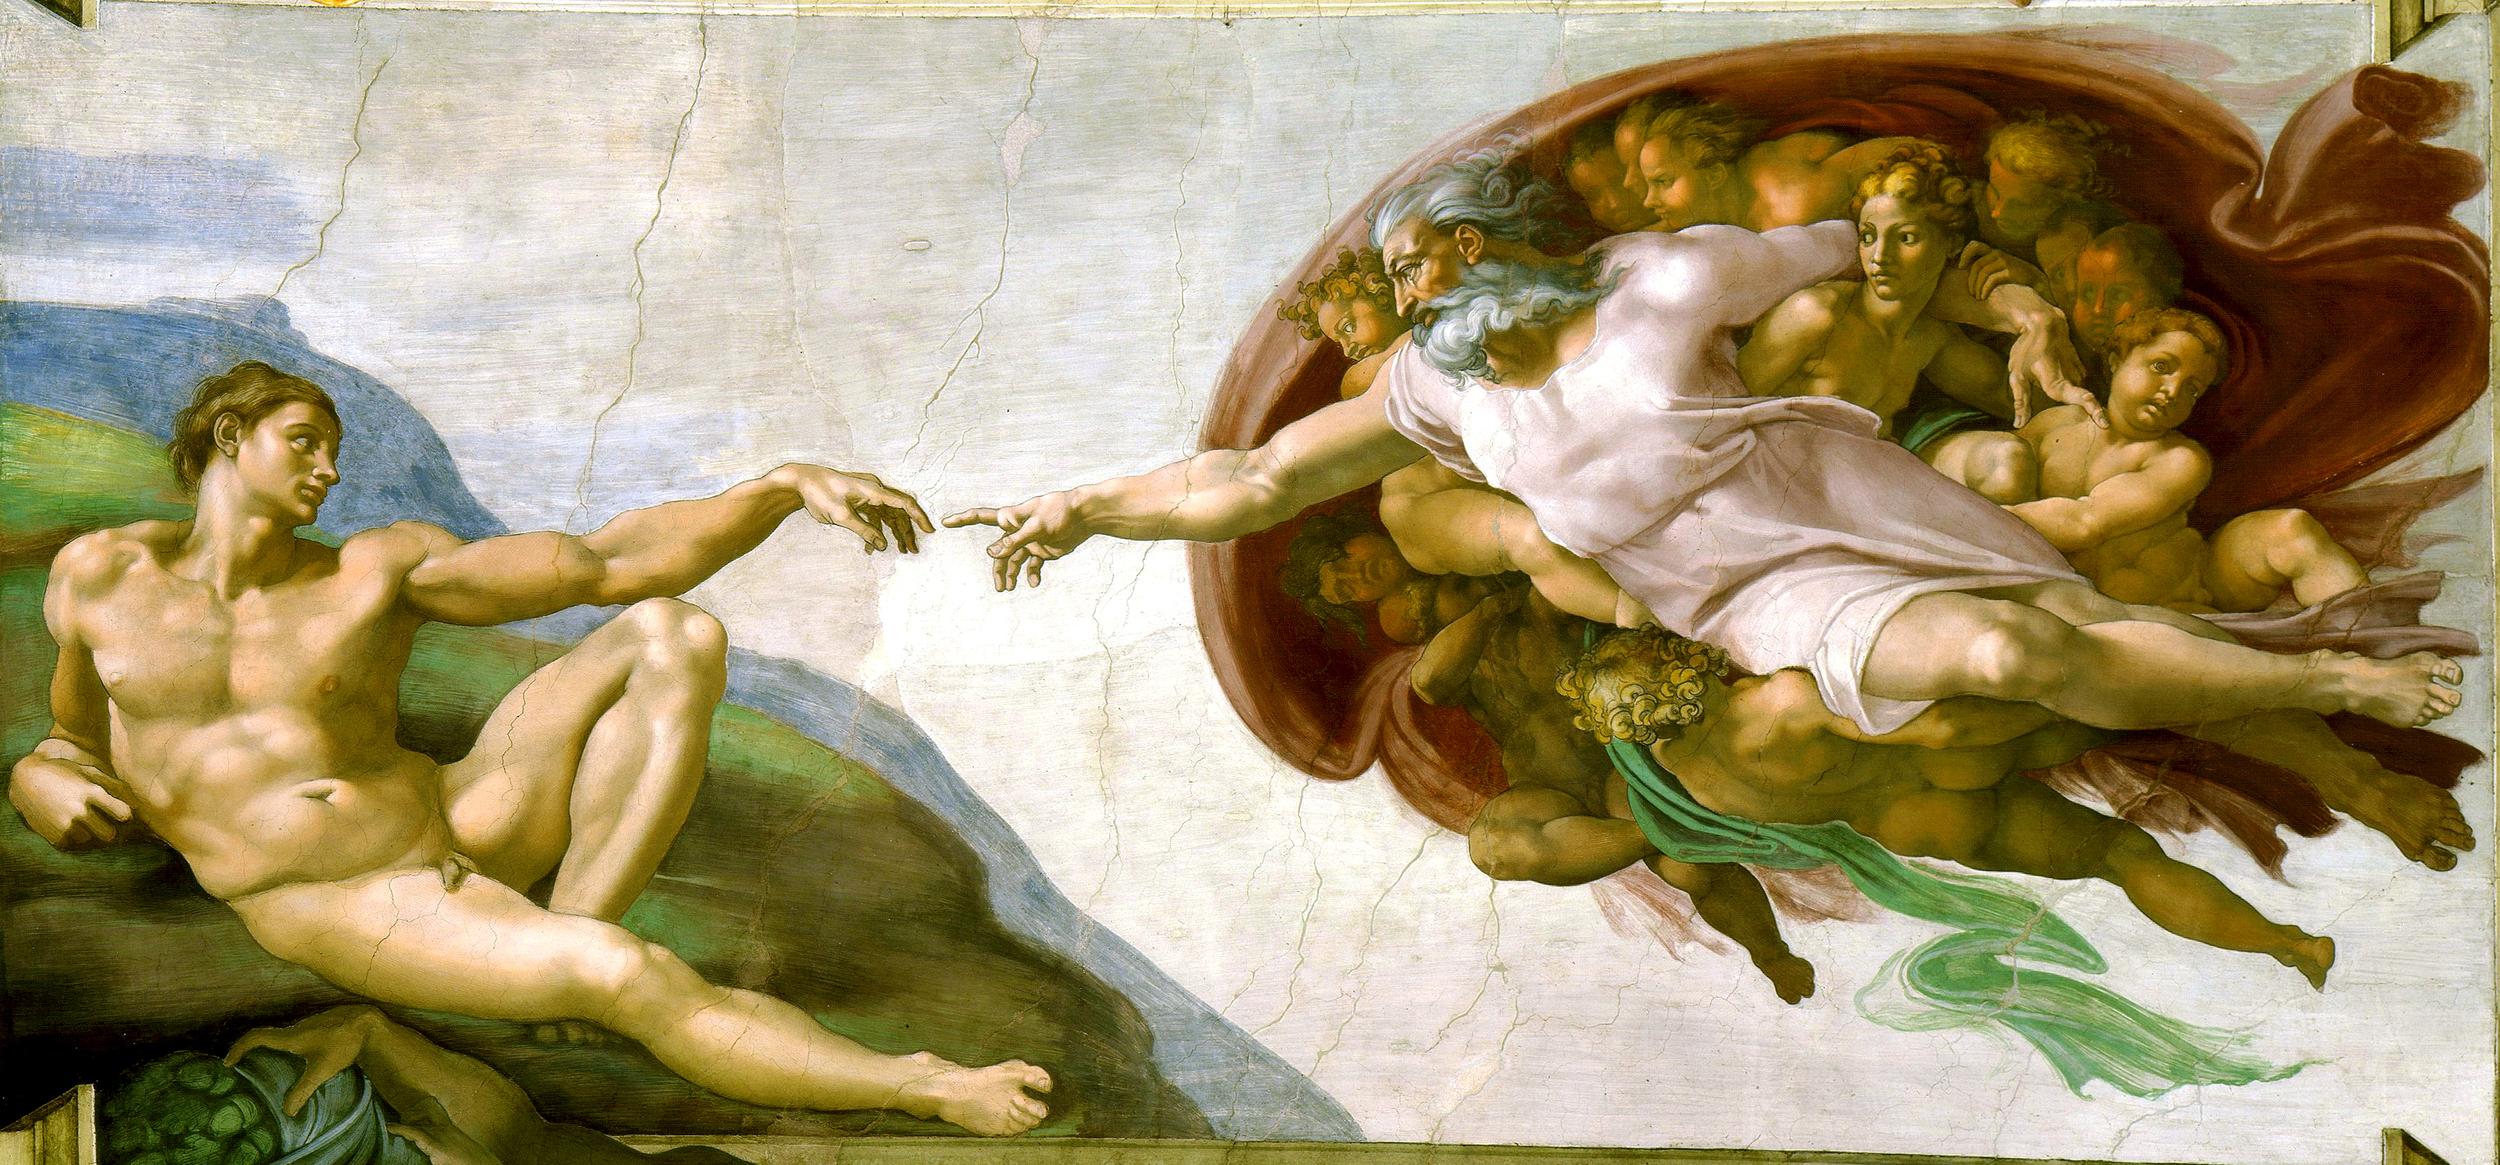 """""""Creación de Adám"""" by Michelangelo - Licensed under Public Domain via Wikimedia Commons"""